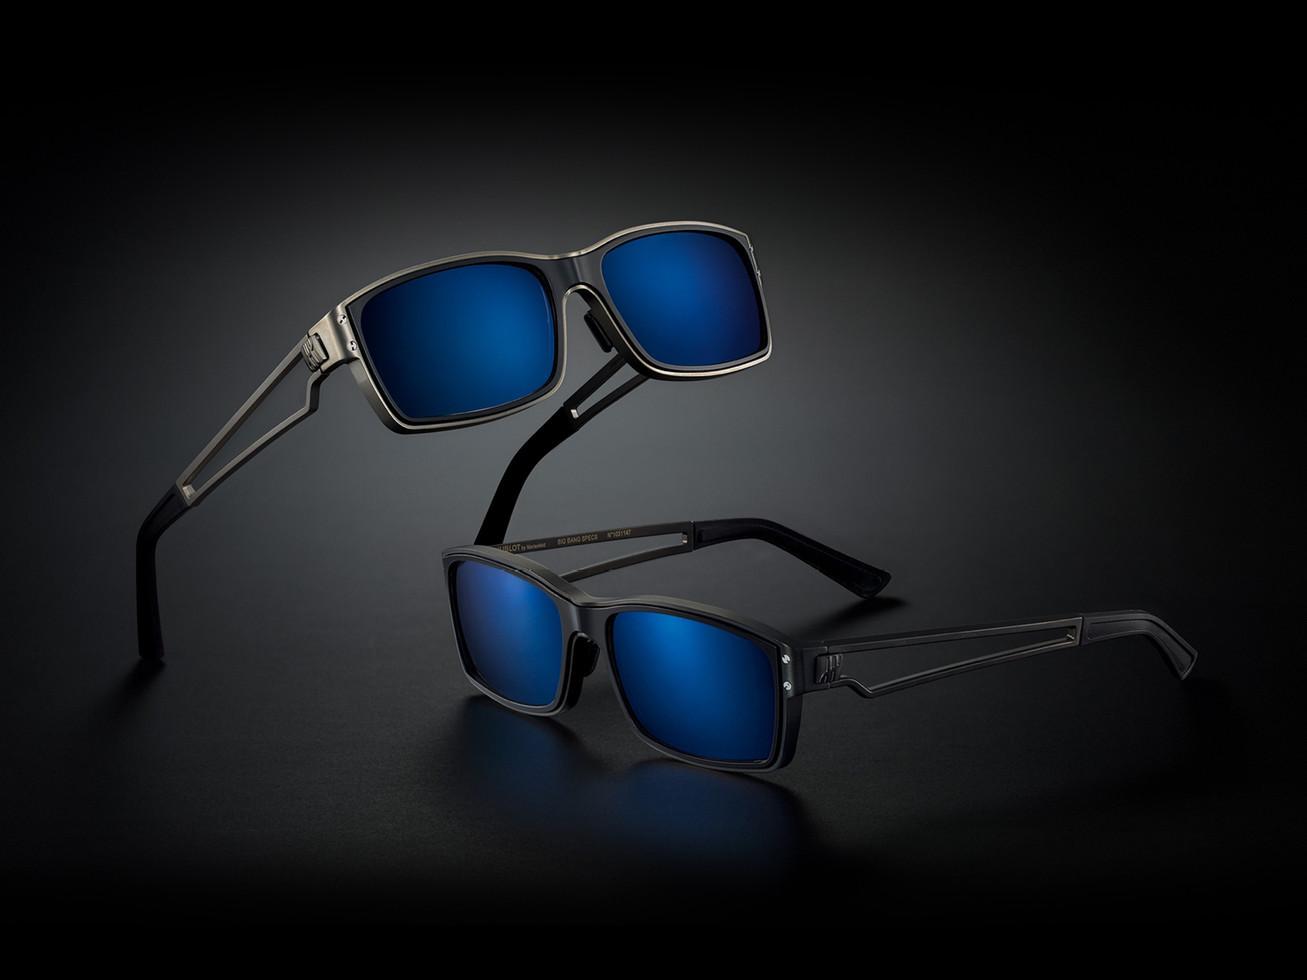 Fashion Accessories - Sunglasses